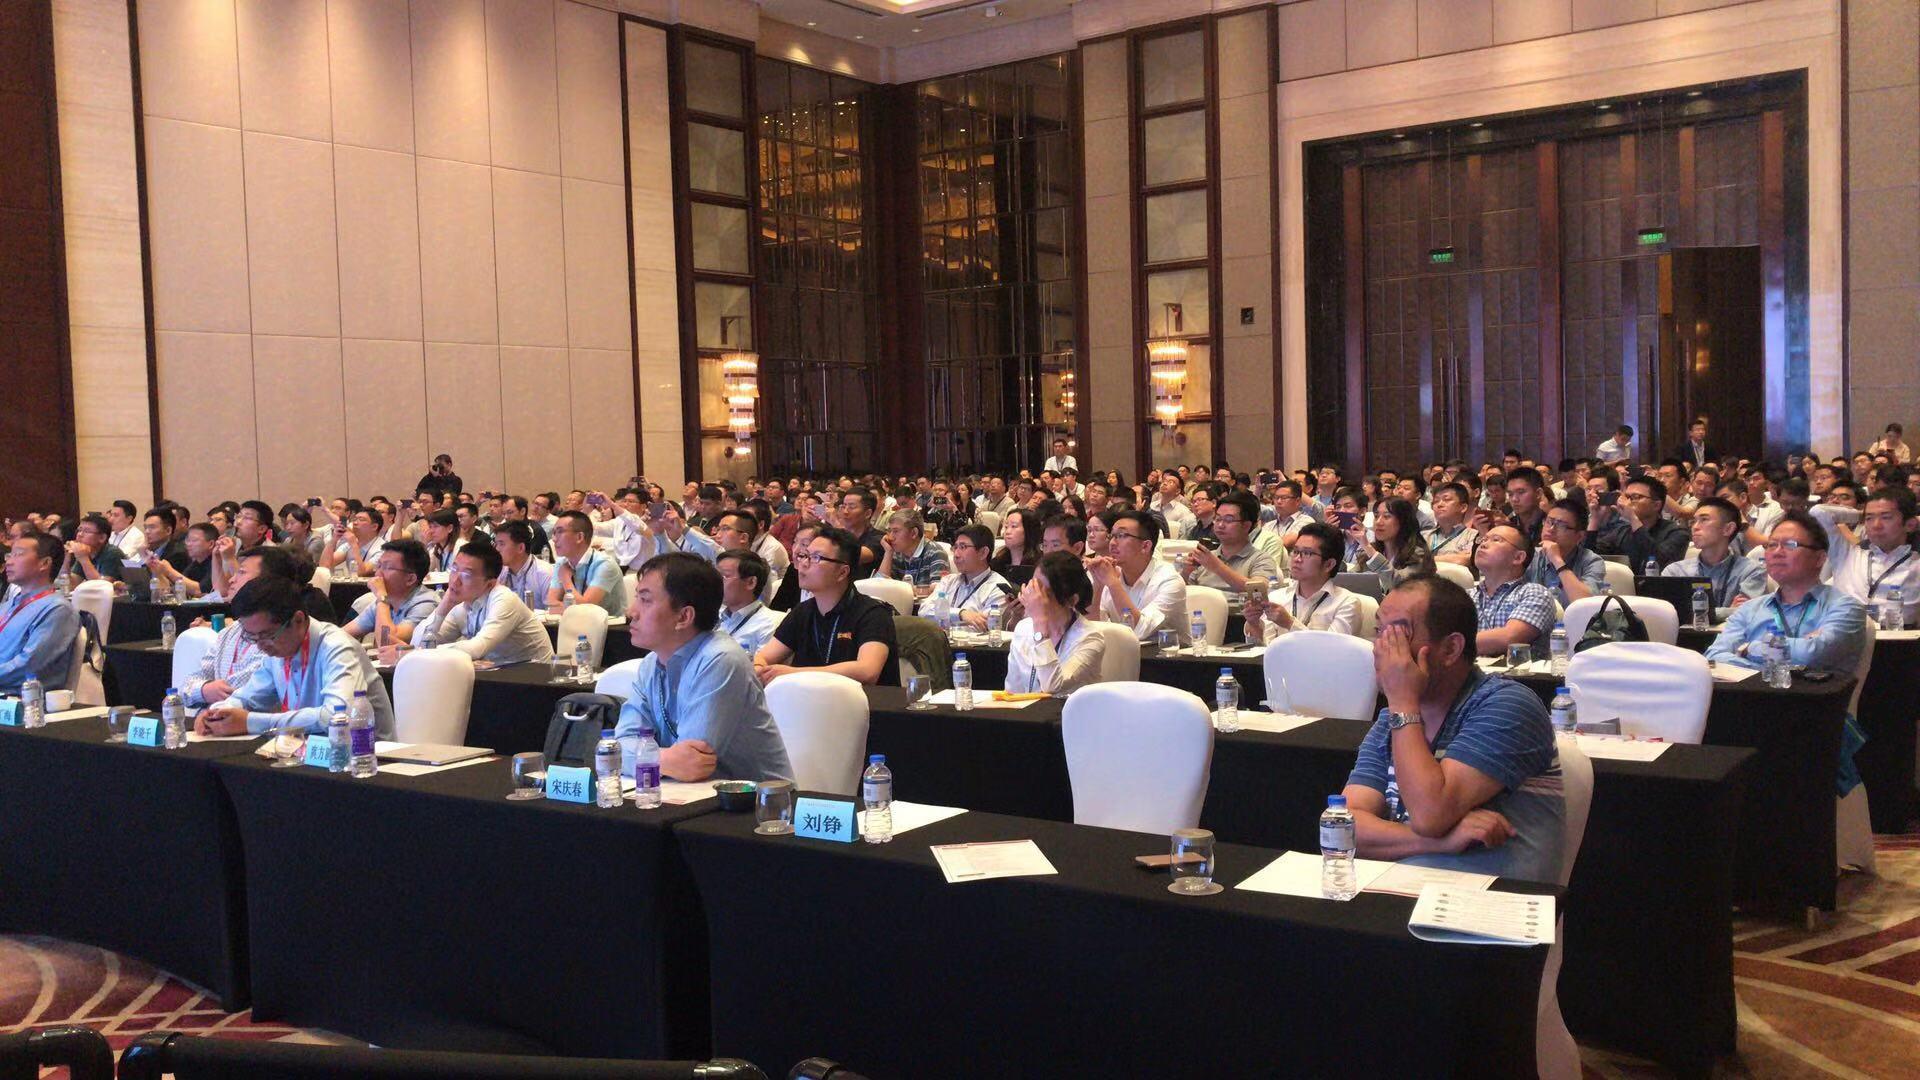 【聚焦上海】2019中国数据中心与光通信高峰论坛4月隆重举办